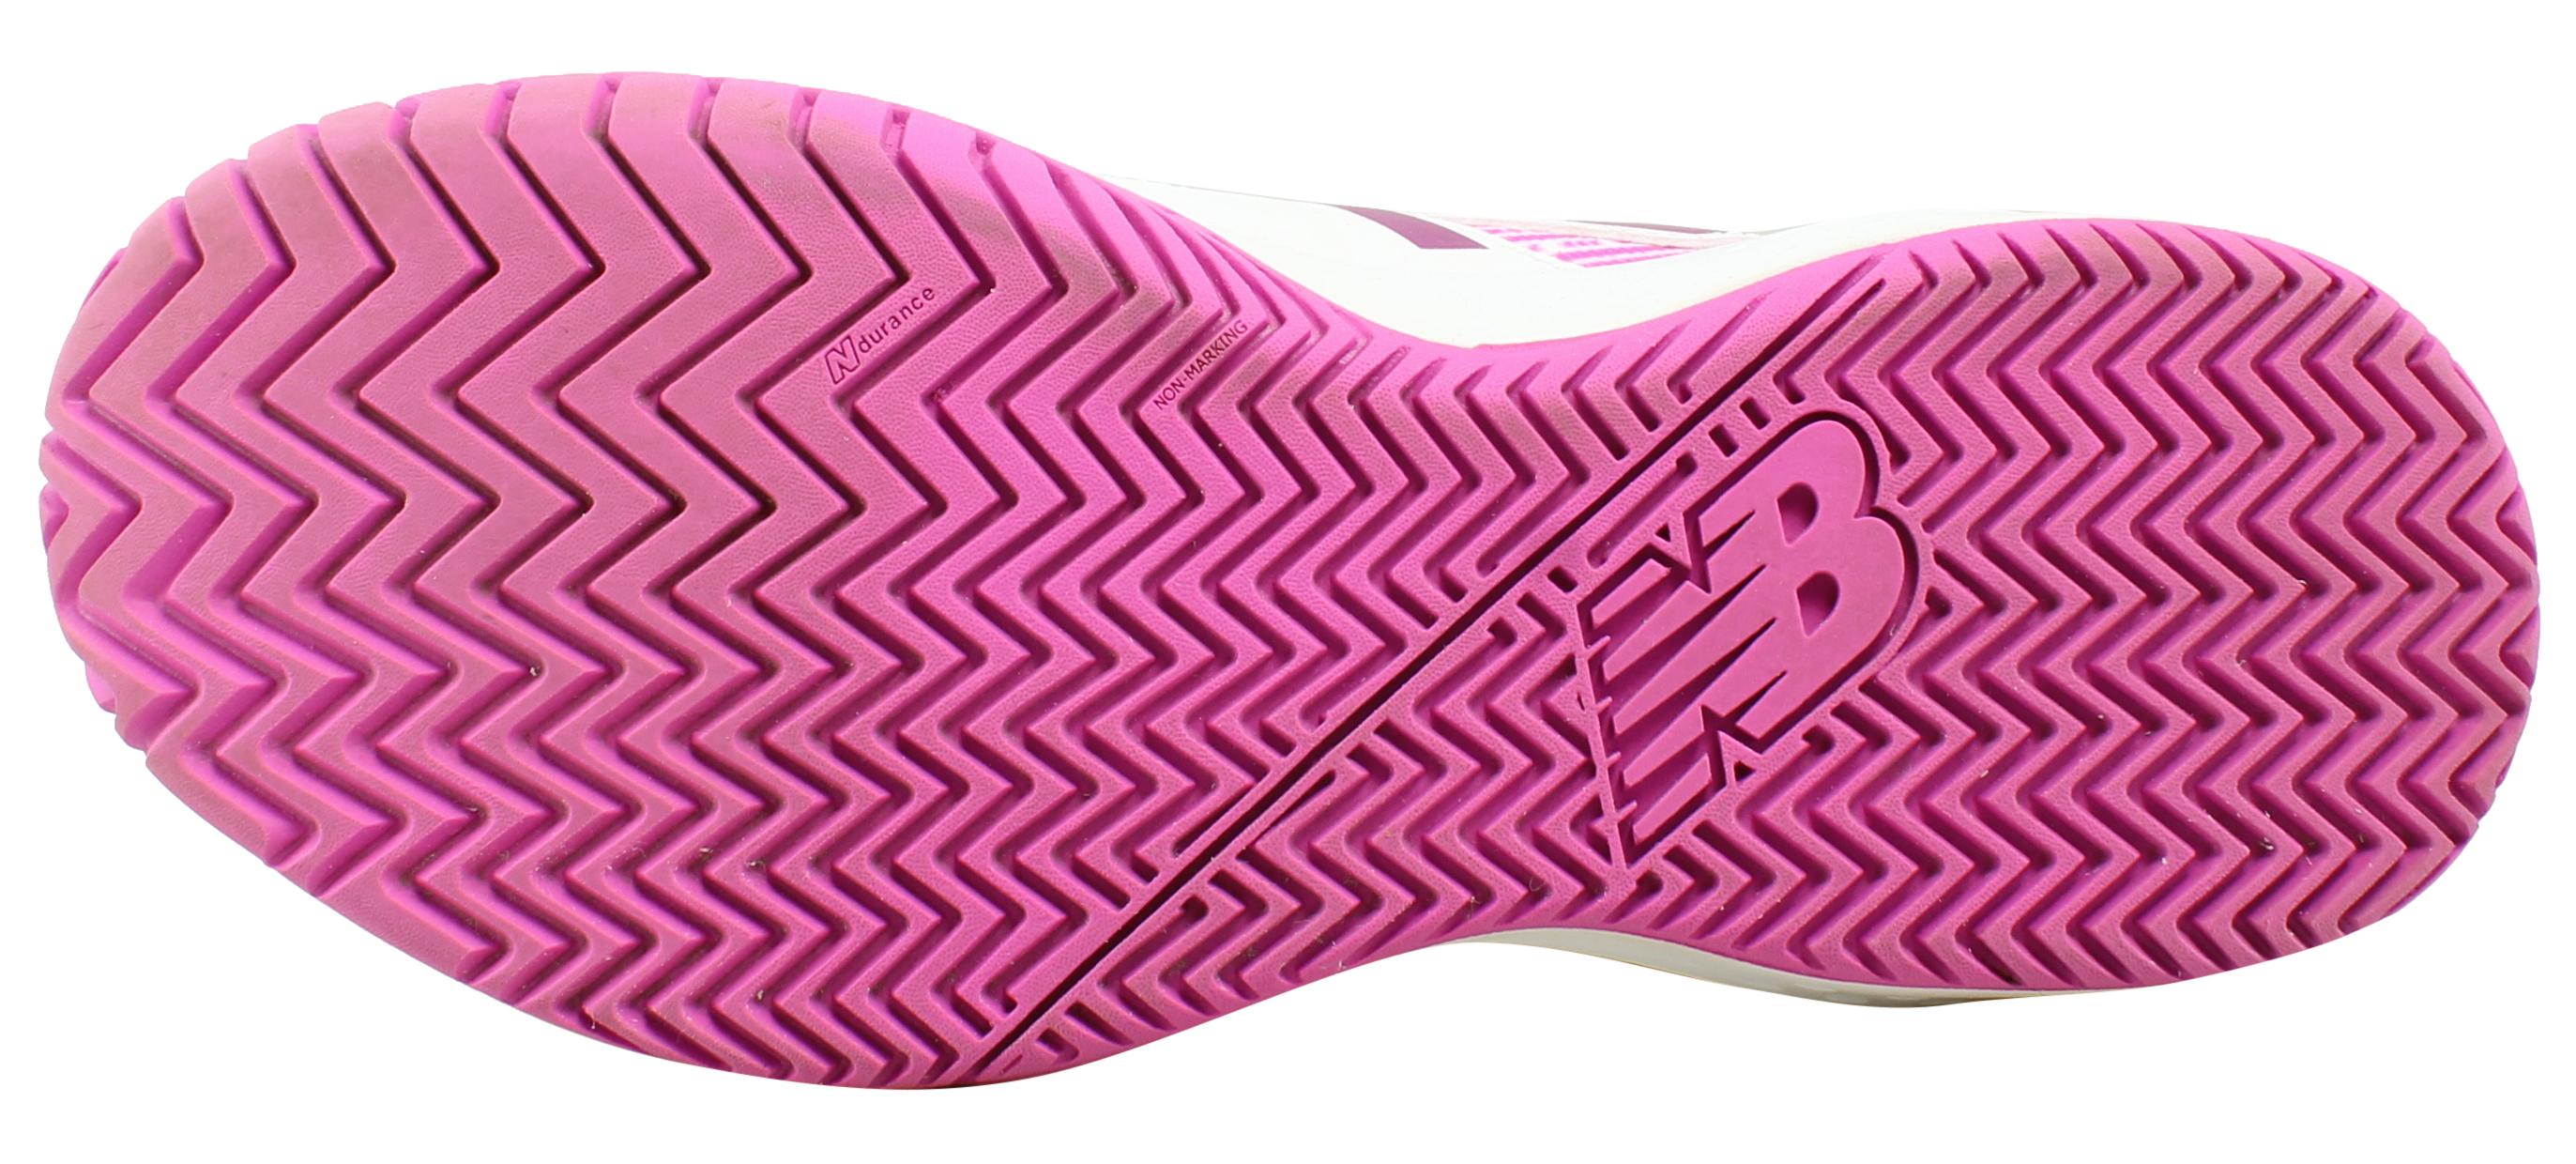 New Balance Damenschuhe - Weiß Running Running Running Schuhes Größe 9 (362824) 717180